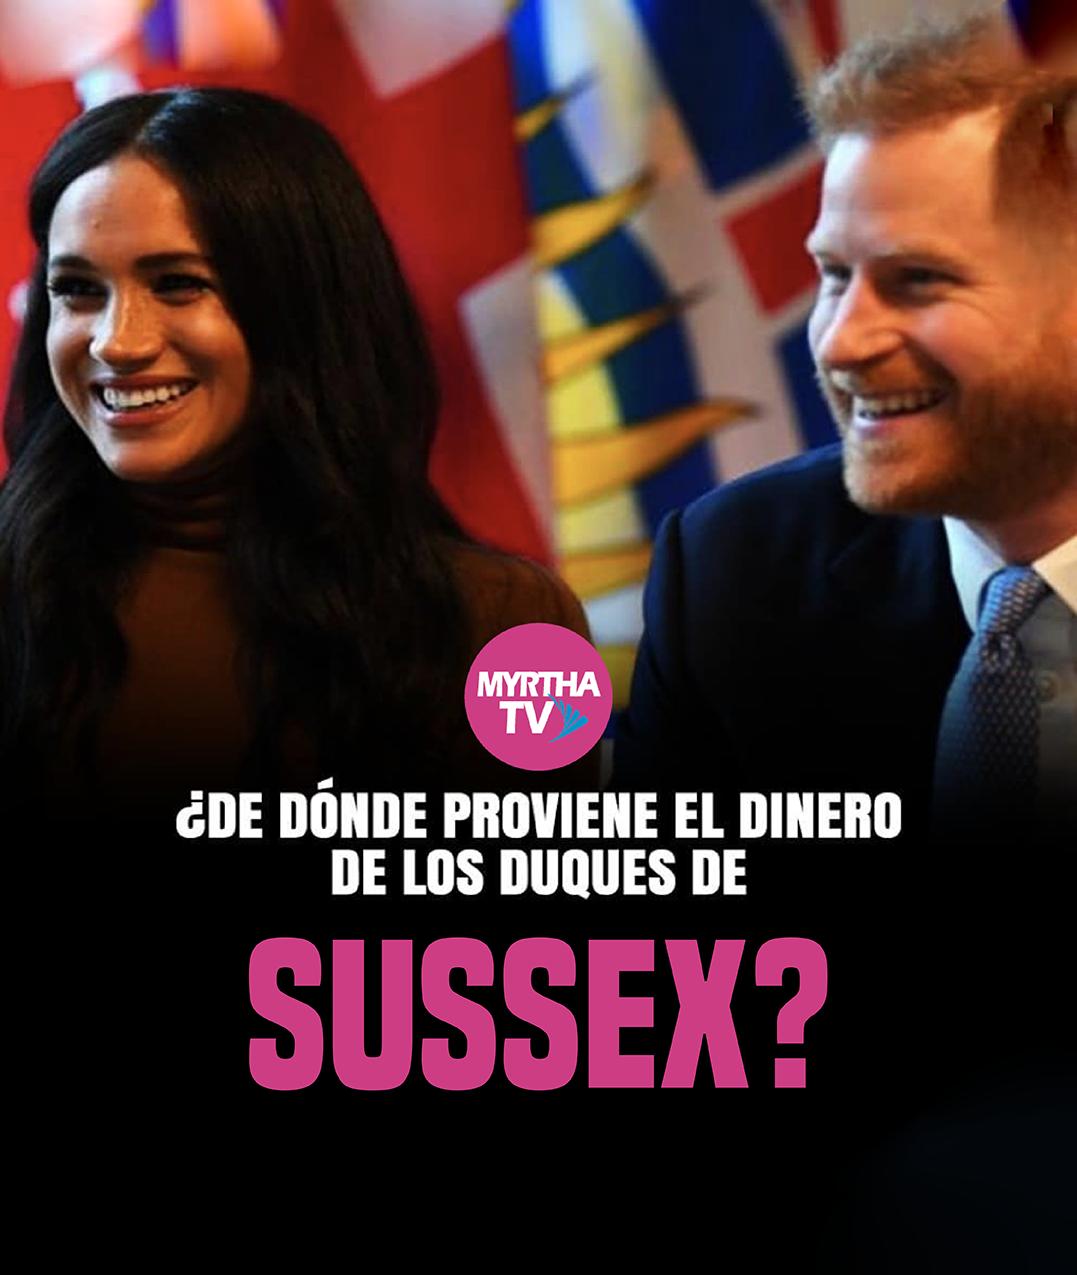 ¿De dónde proviene el dinero de los duques de Sussex?